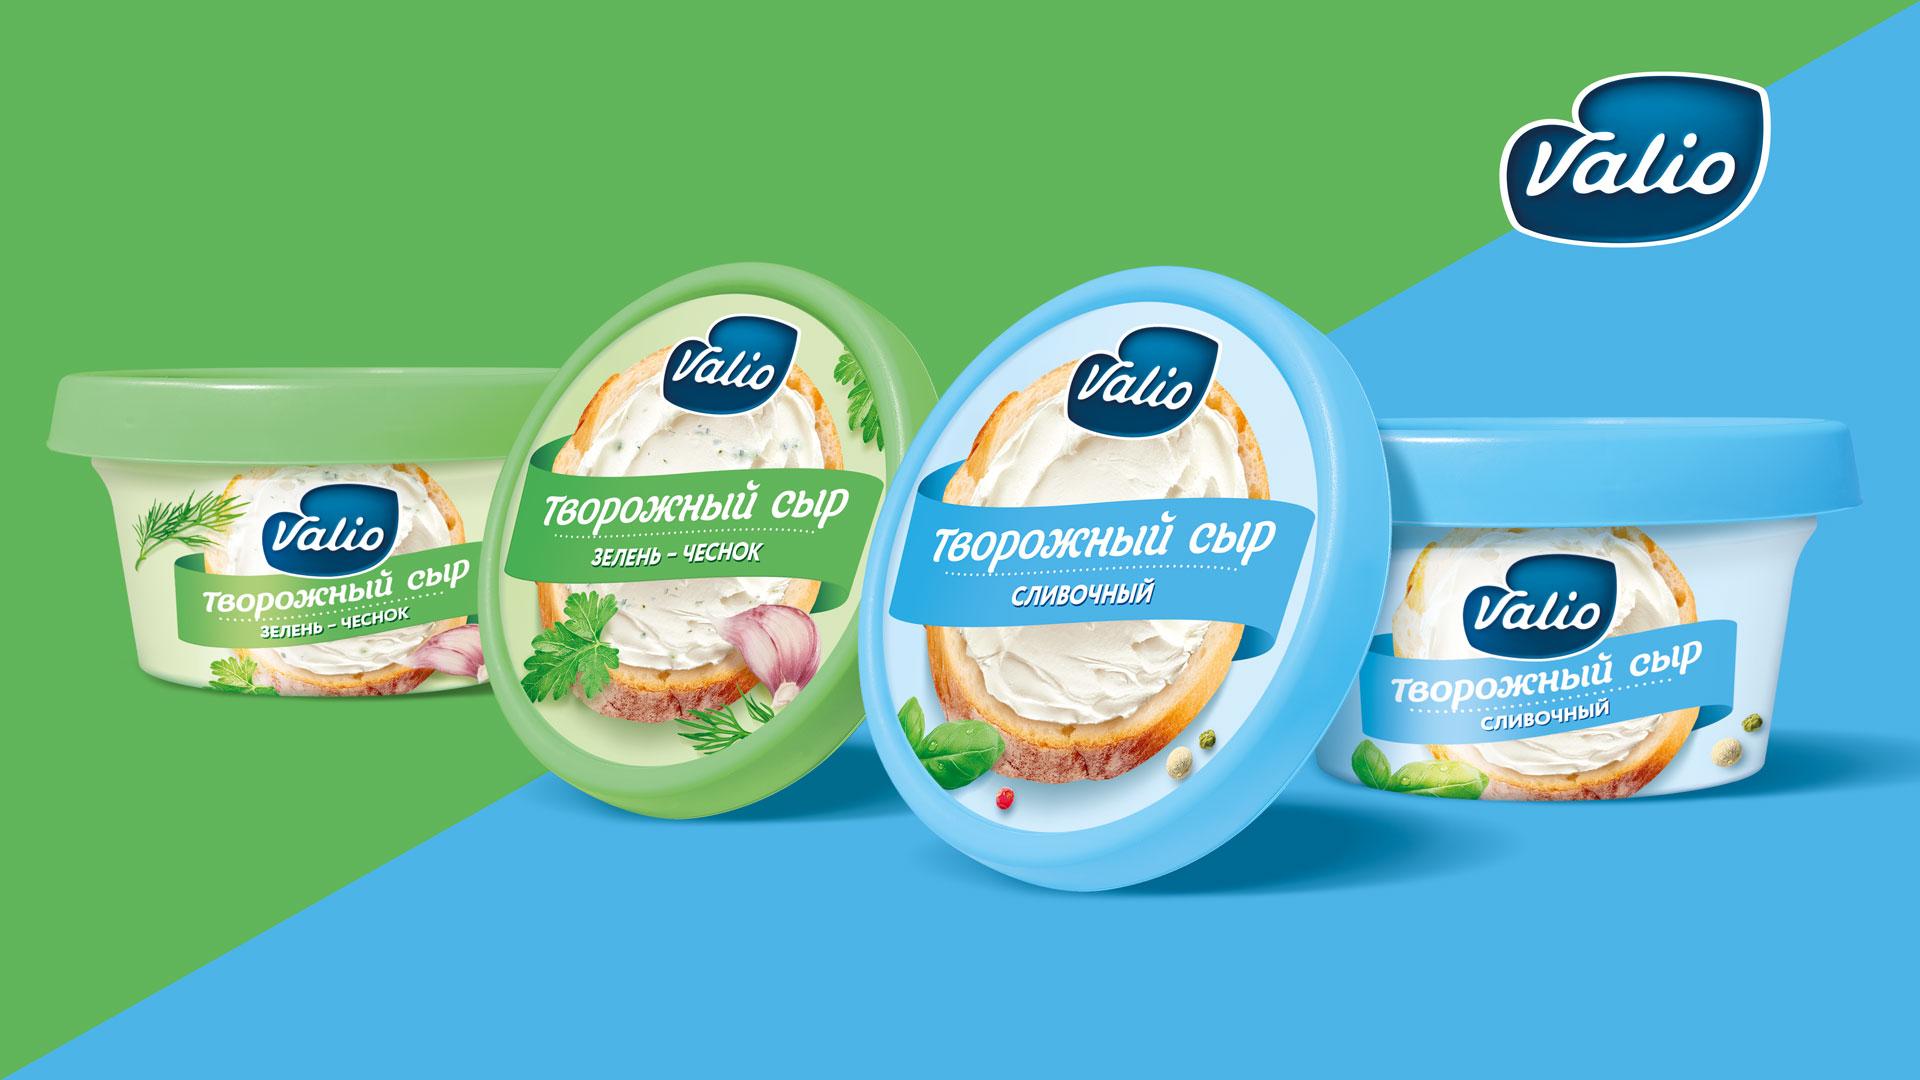 дизайн упаковки творожных сыров Valio